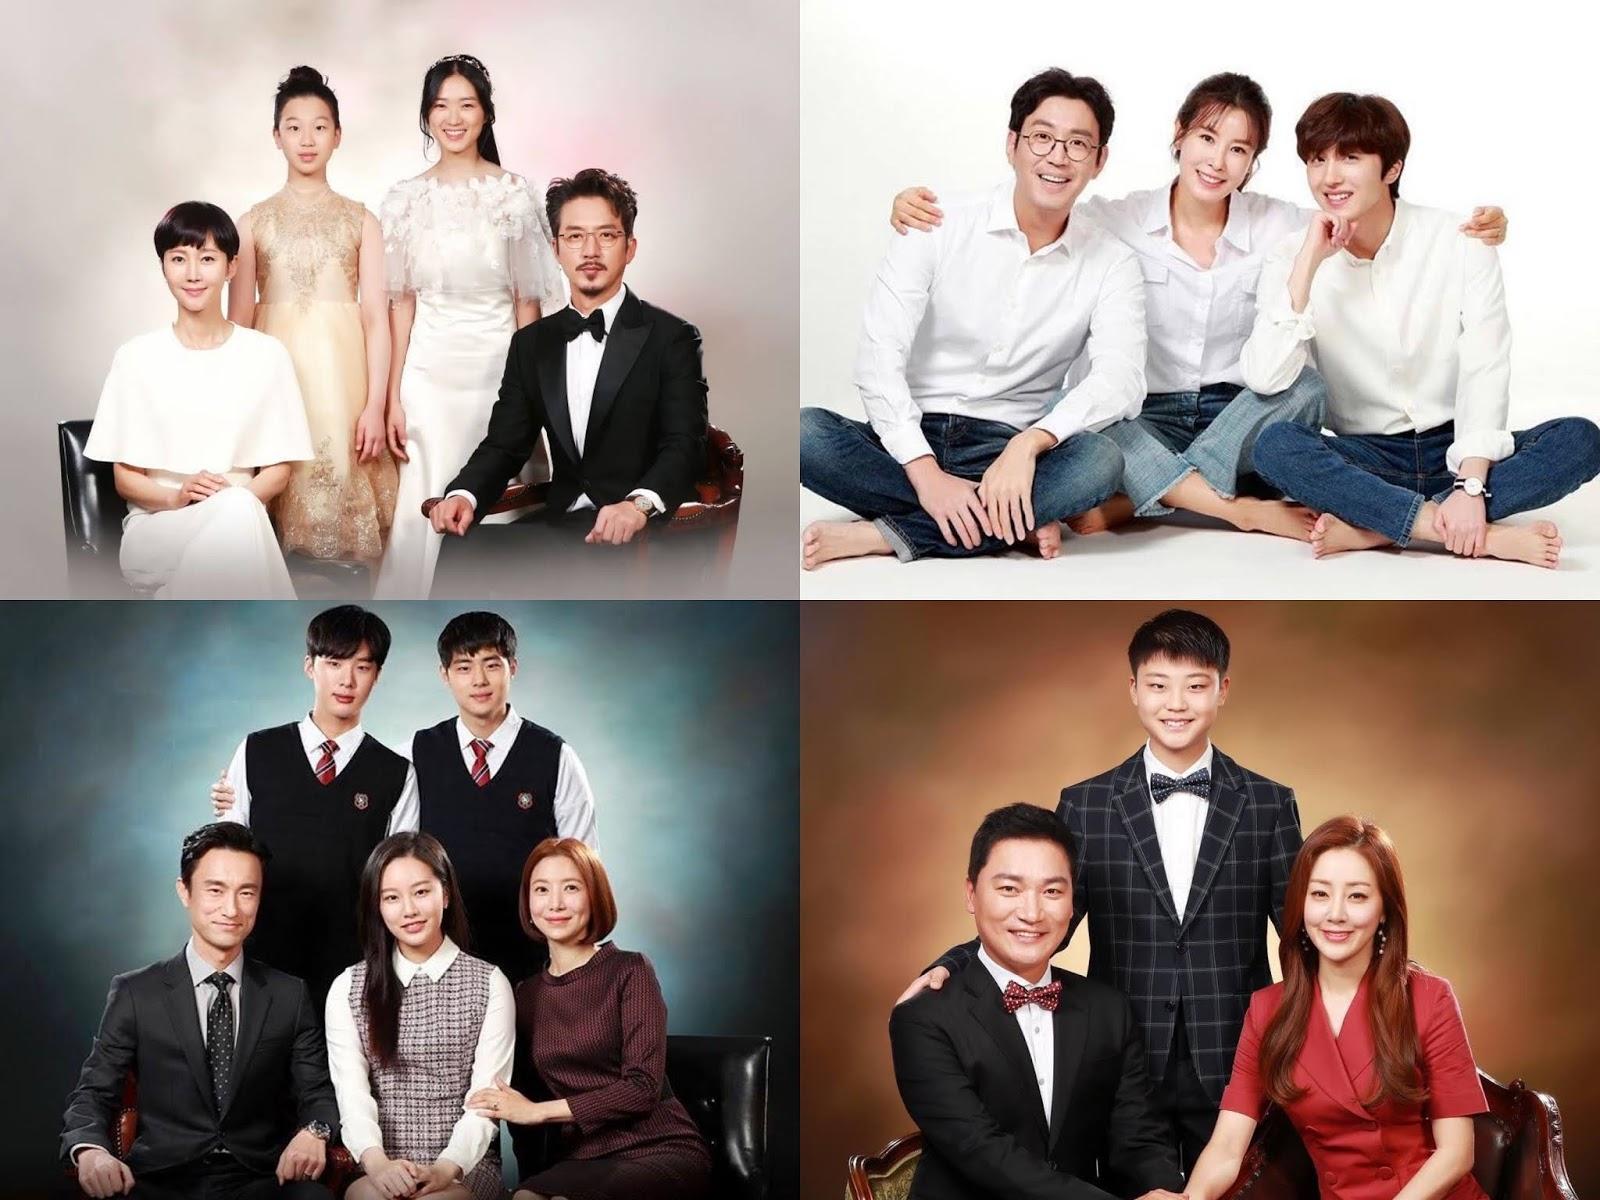 Drama 2018-2019] SKY Castle, SKY 캐슬 - Page 29 - k-dramas & movies